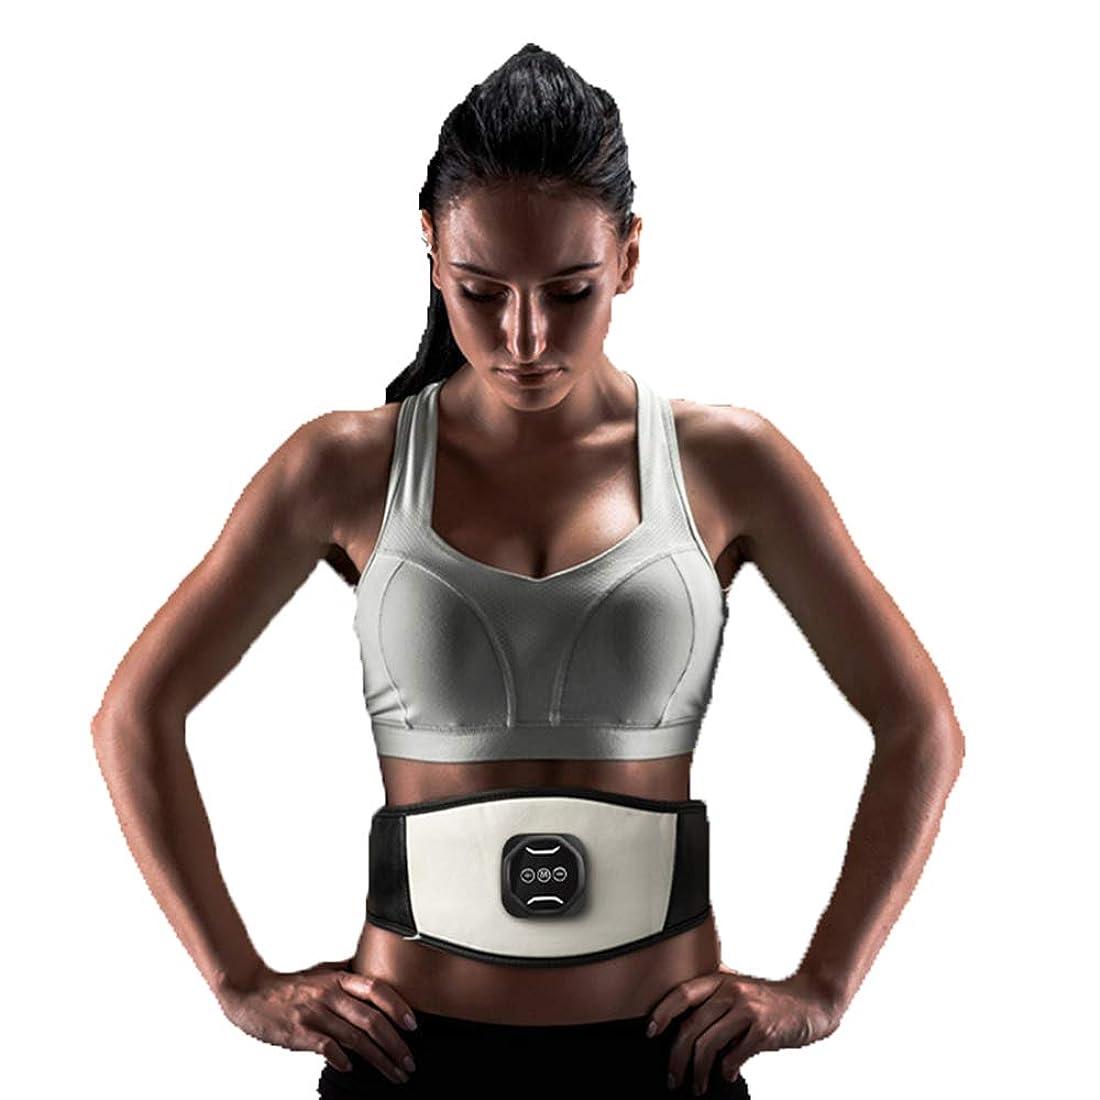 そこ少ないヒップスマートワイヤレス腹筋ペーストEMS筋肉刺激装置薄い腹部腹部マシンUSB電気ベルト腹部機器全身体重減少運動フィットネス機器ユニセックス